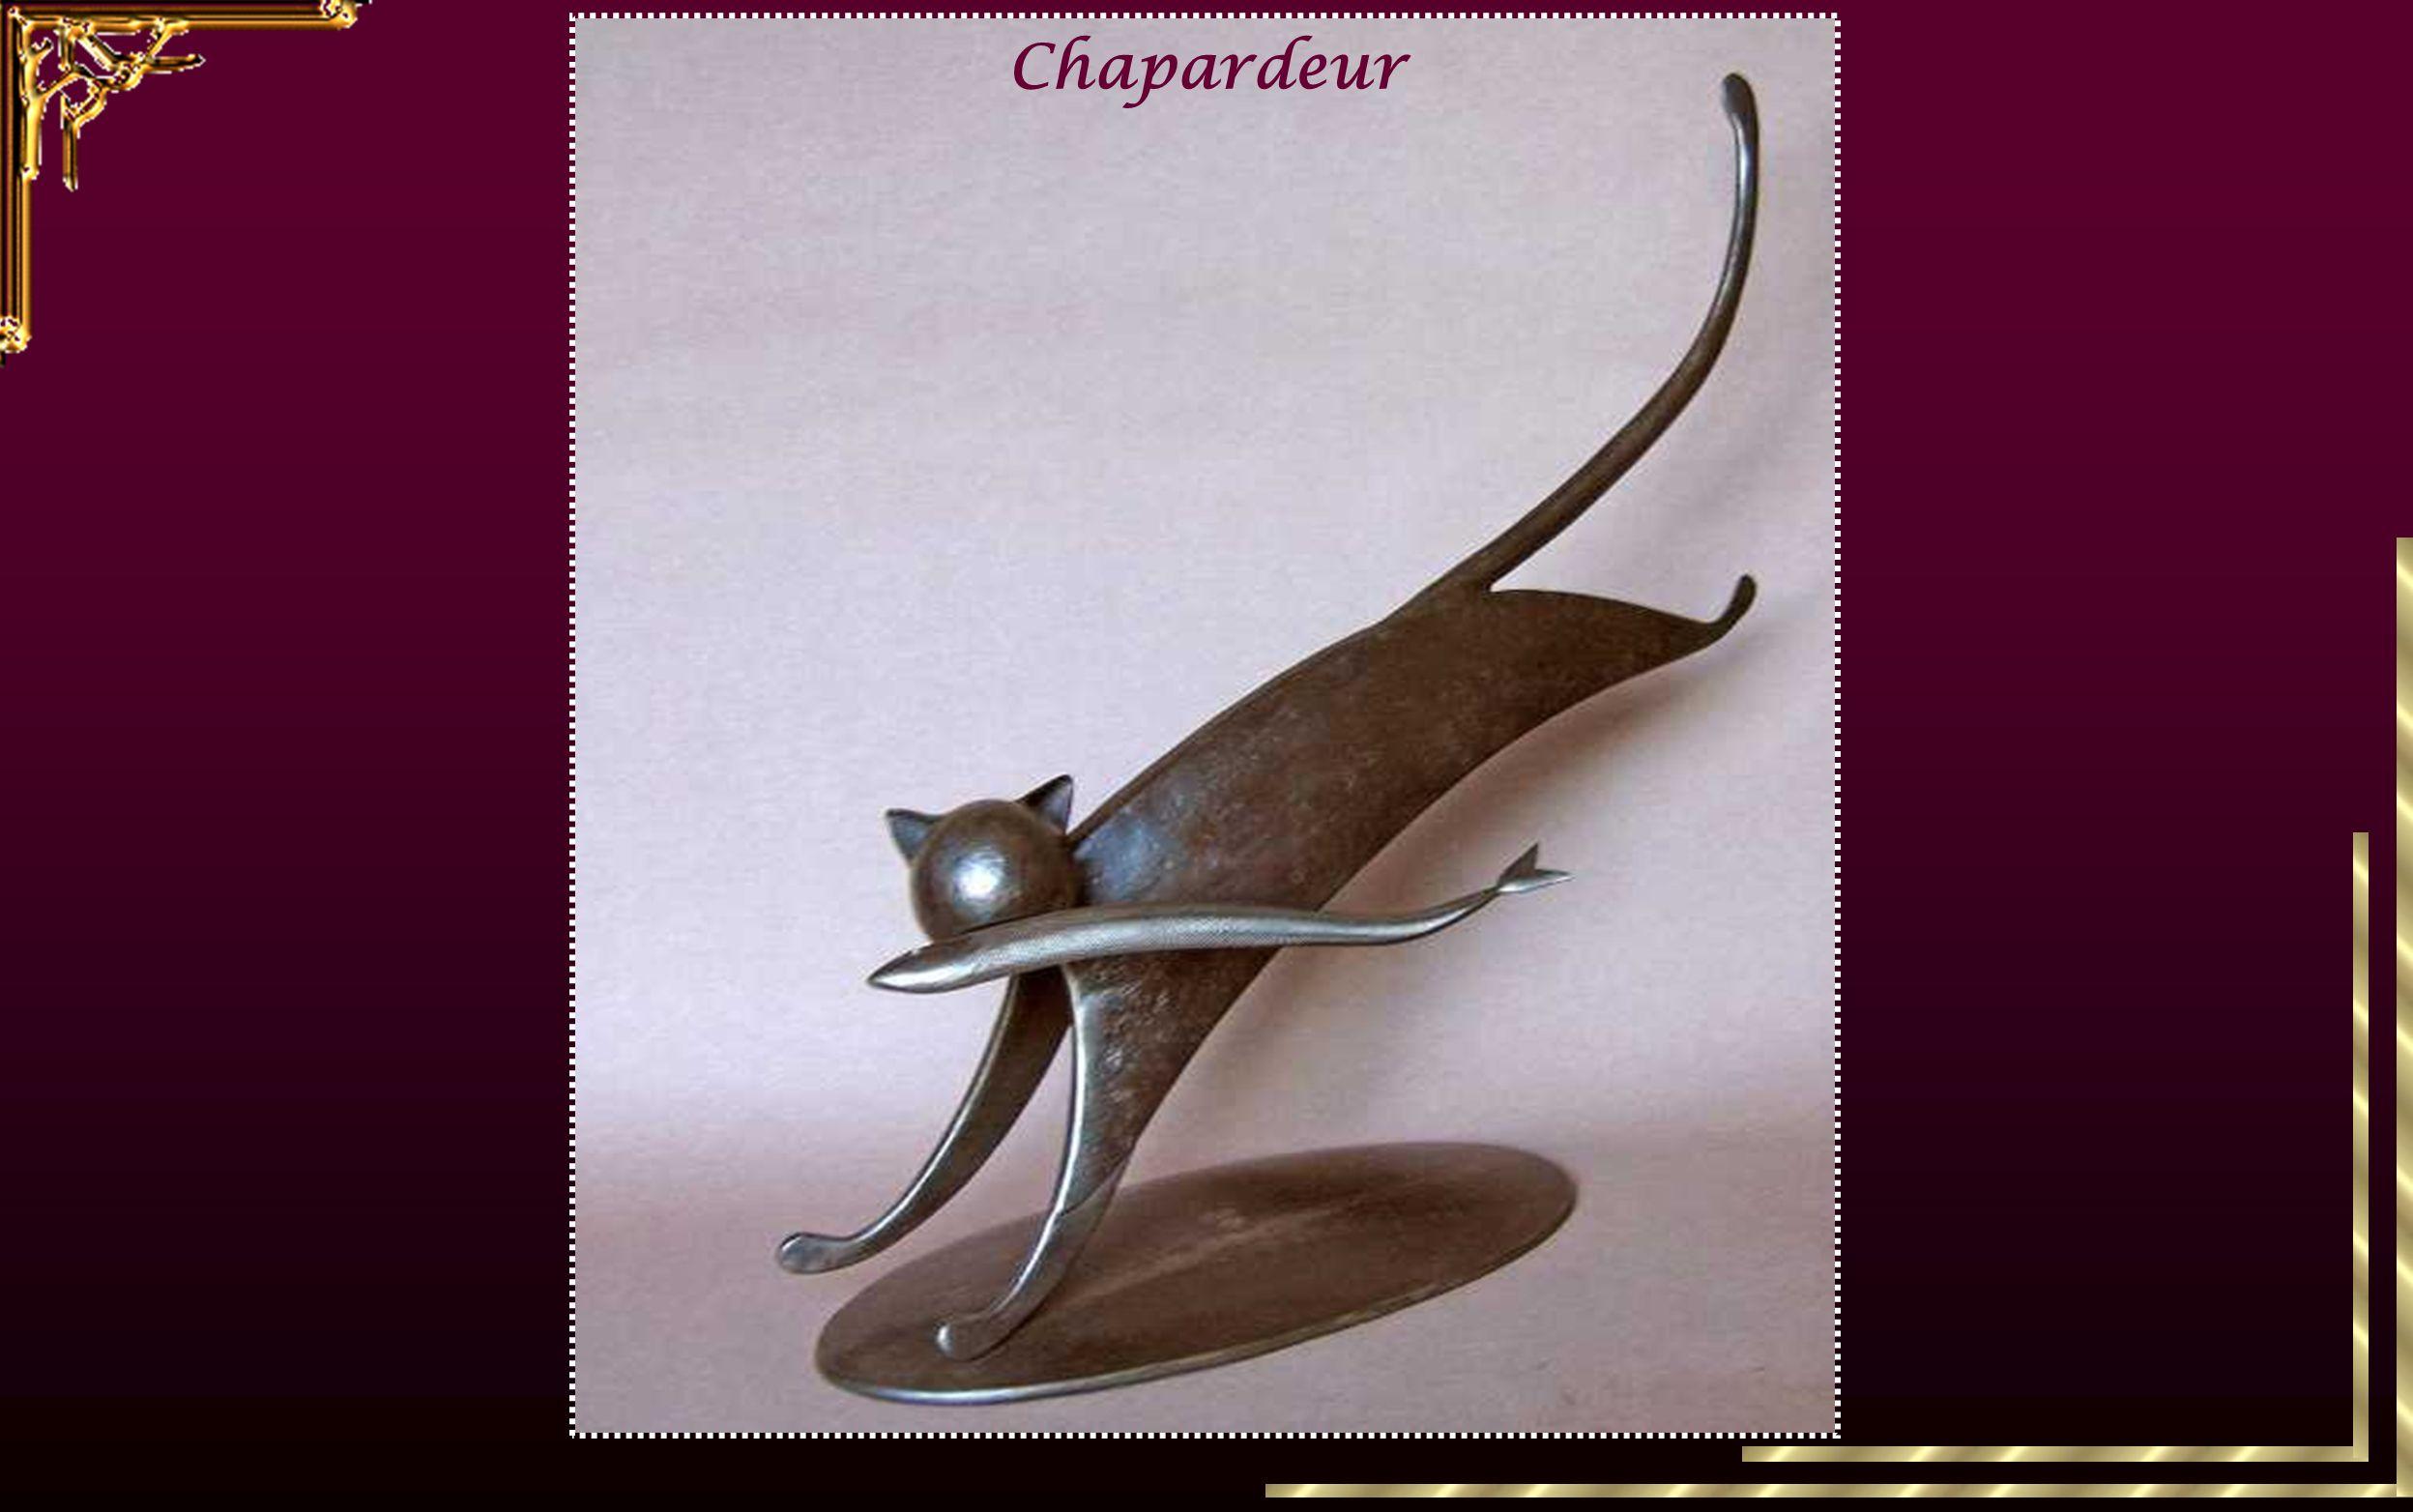 Chapardeur